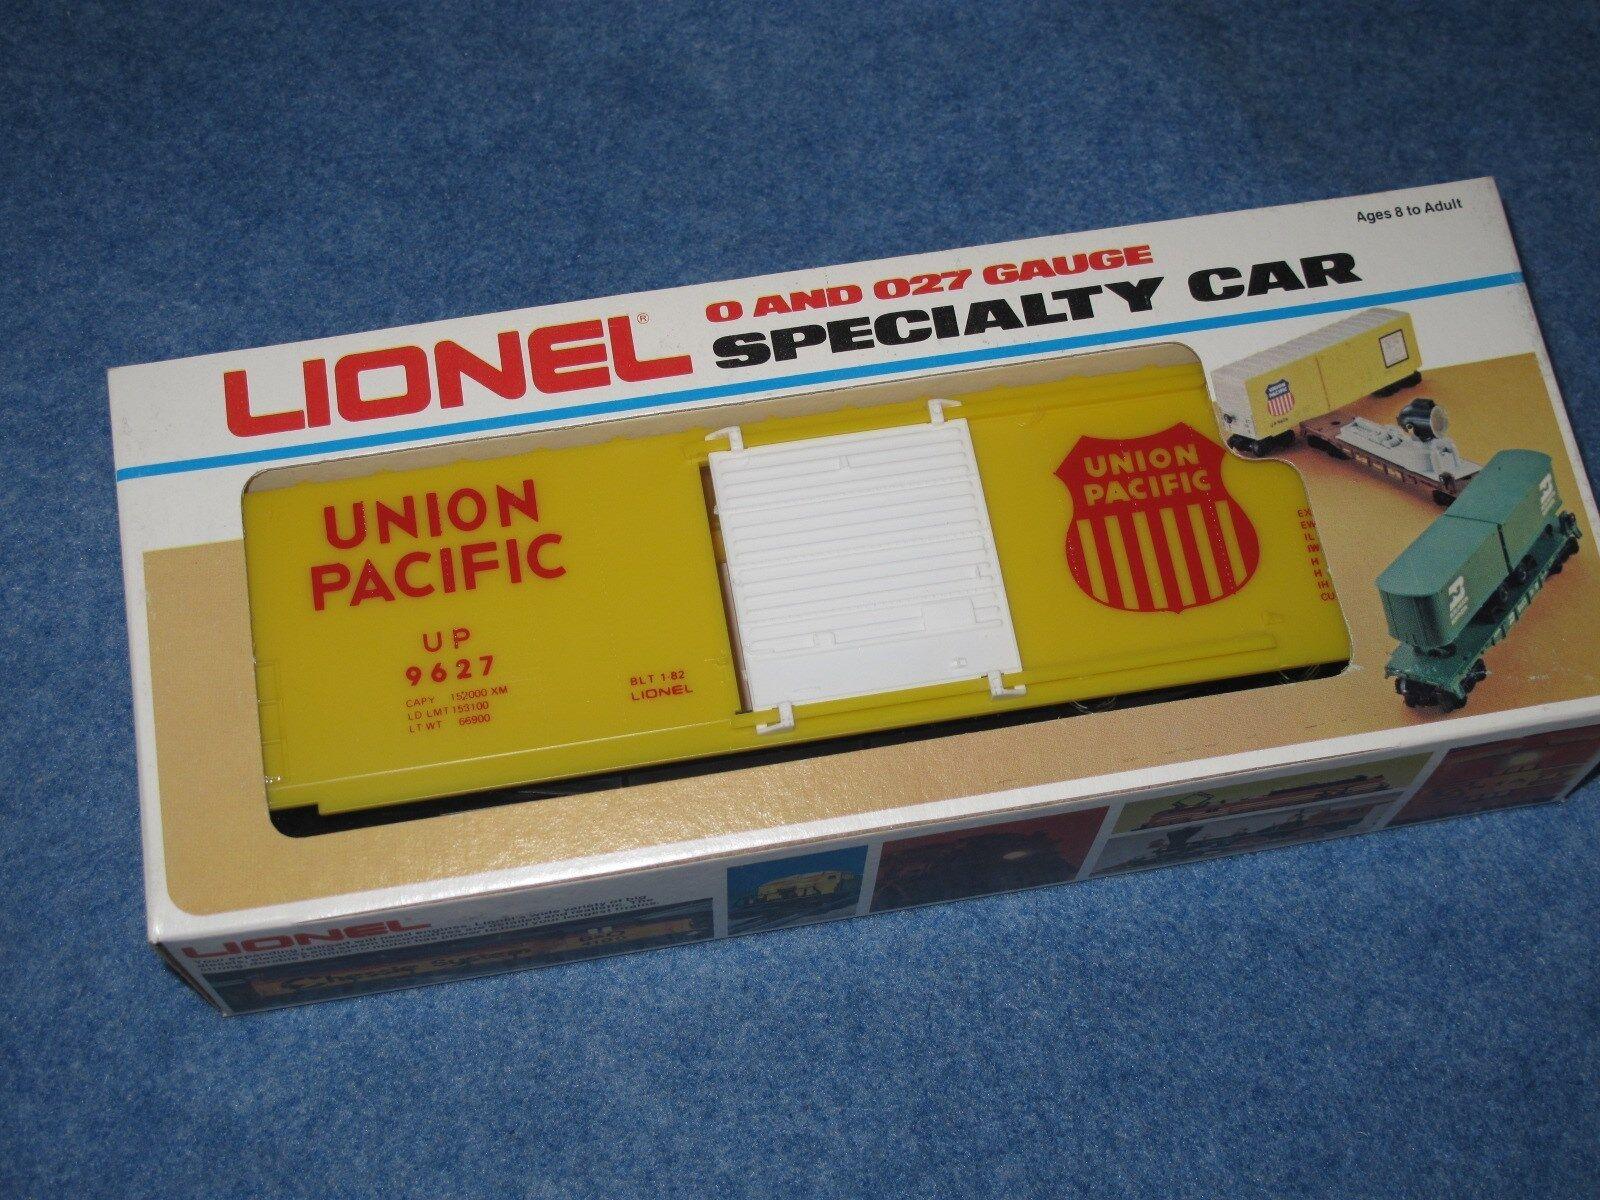 1982 Lionel 6-9627 Union Pacific Hi-Cube Box Car New in Box L2522